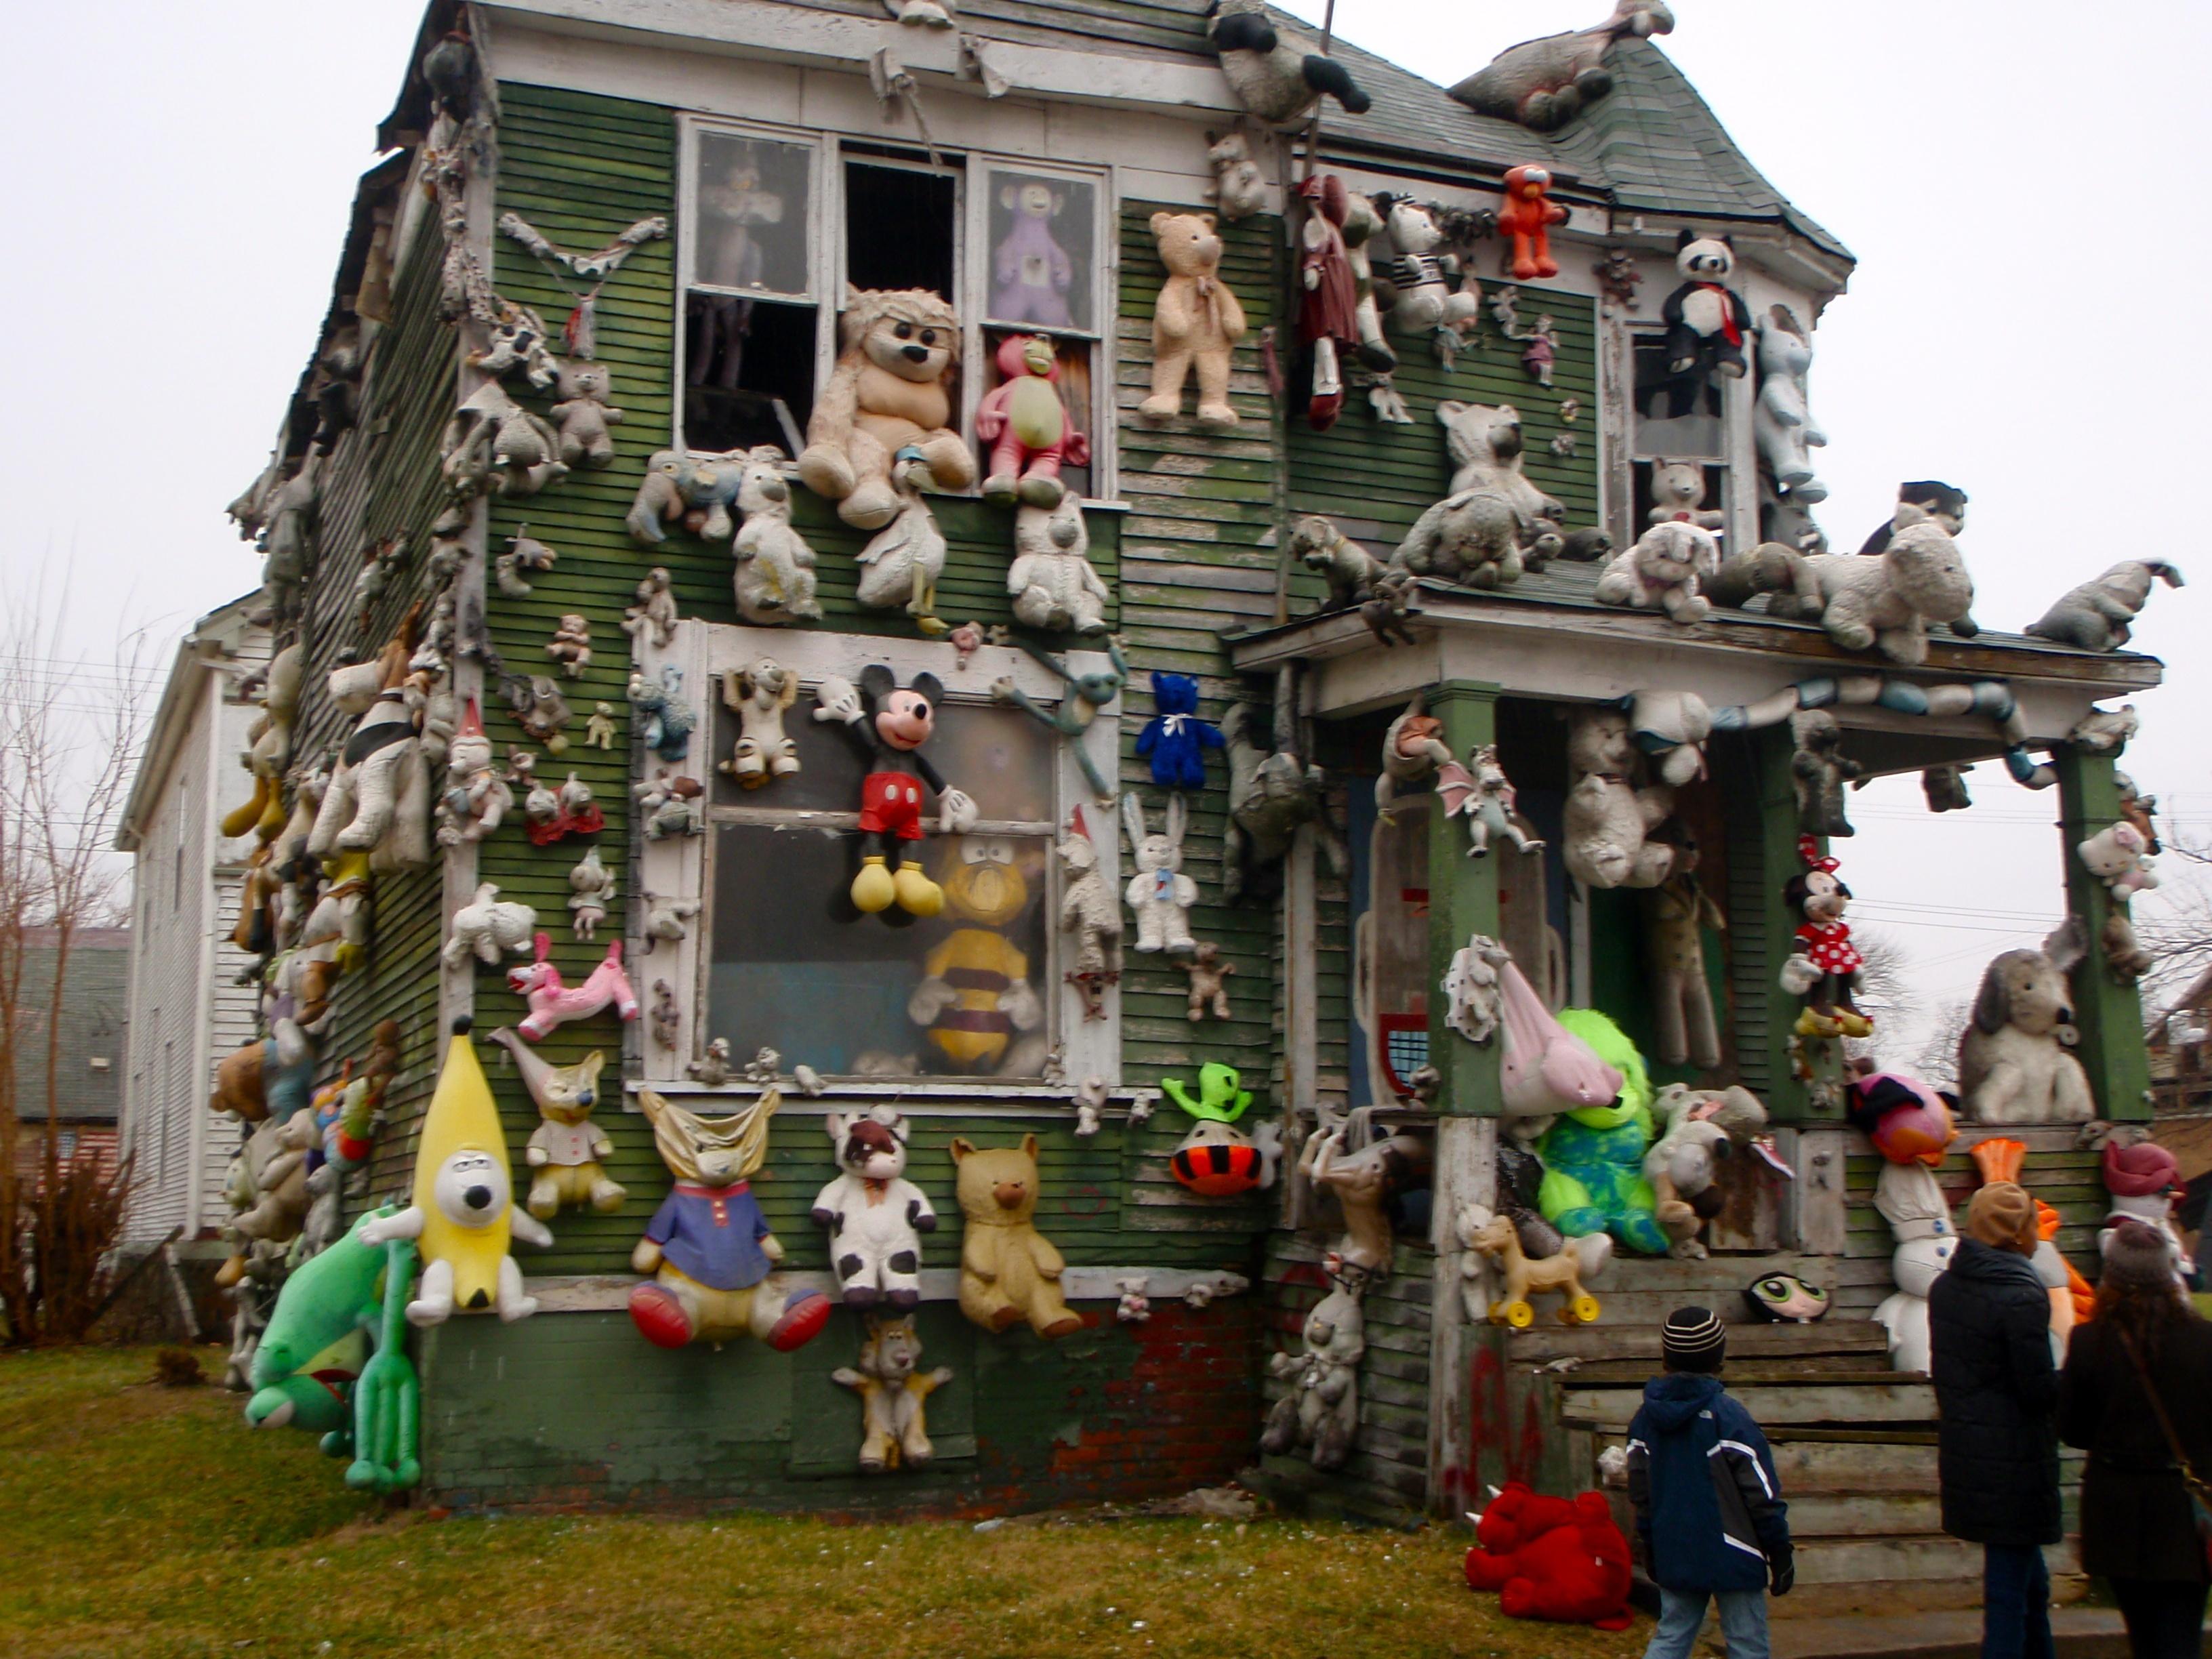 Description detroit stuffed animal house